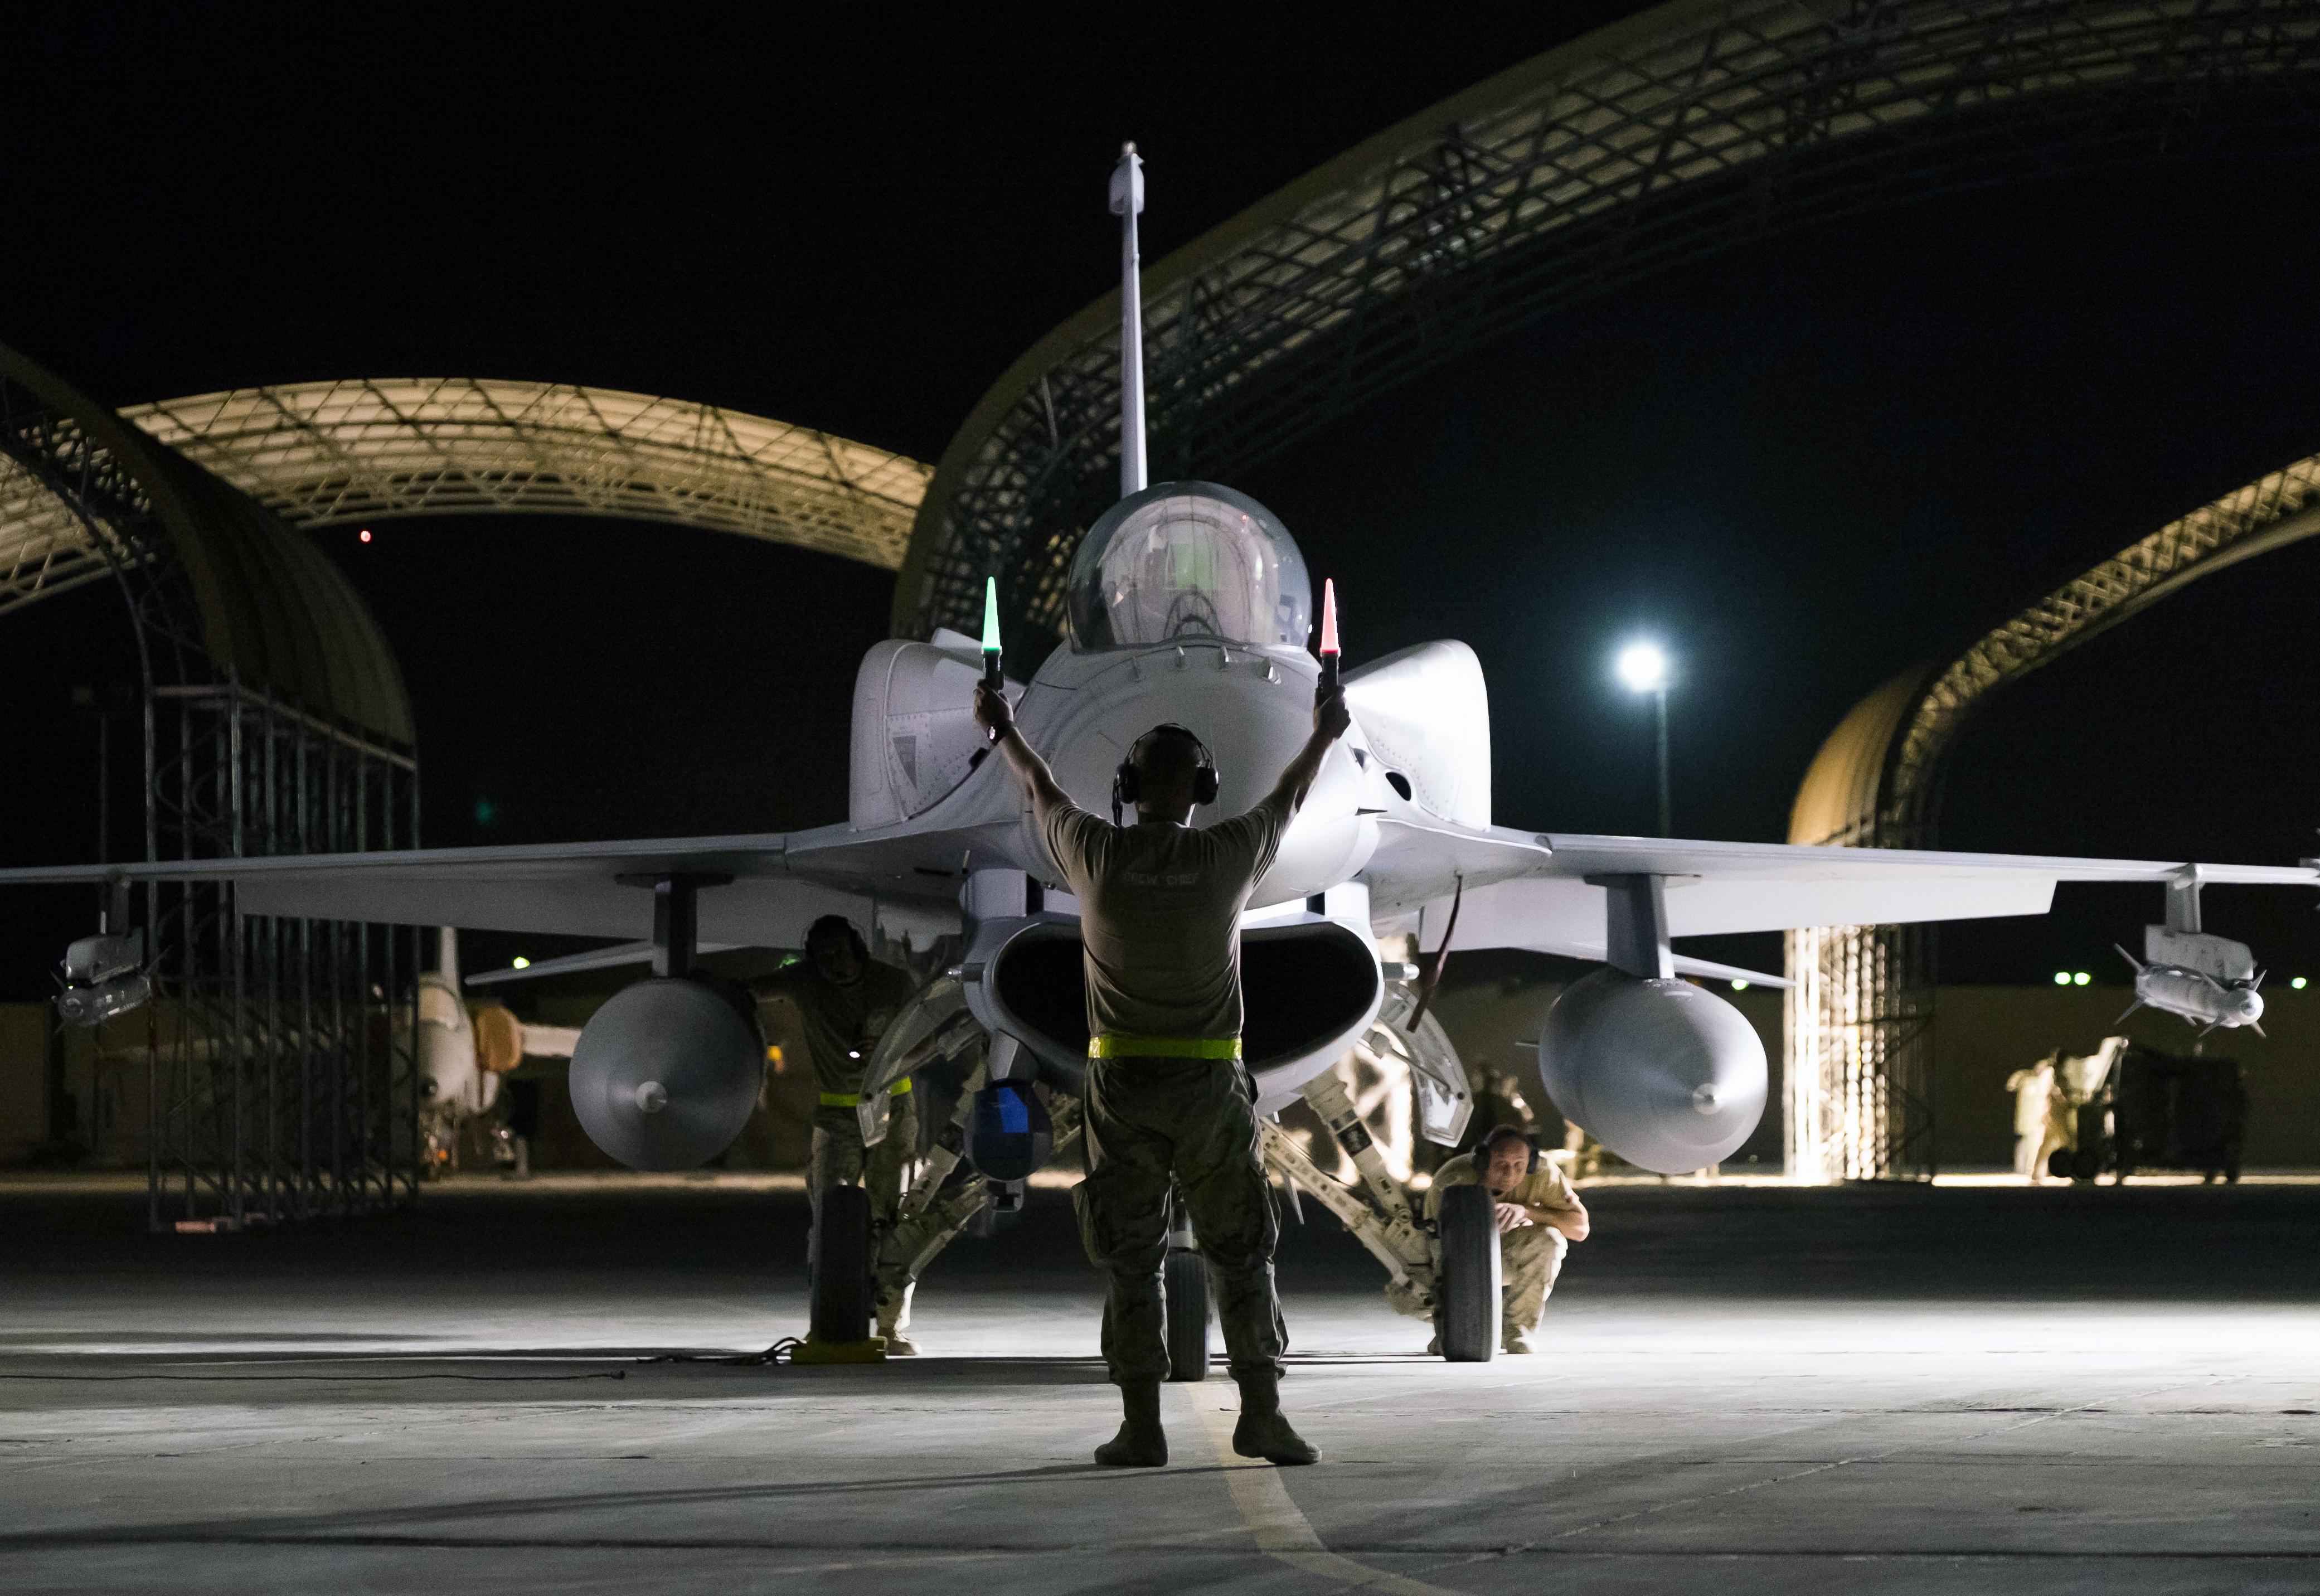 Mimo zbliżającej się północy, do pracy przystąpi teraz zespół złożony z analityków. W ciągu następnych kilku do kilkunastu godzin sporządzą oni gotowy produkt, który zostanie przekazany do Centrum Operacji Powietrznych w Katarze. Na jego podstawie zostaną ustalone kolejne cele. I kolejne. Aż do ostatecznej klęski Daesz